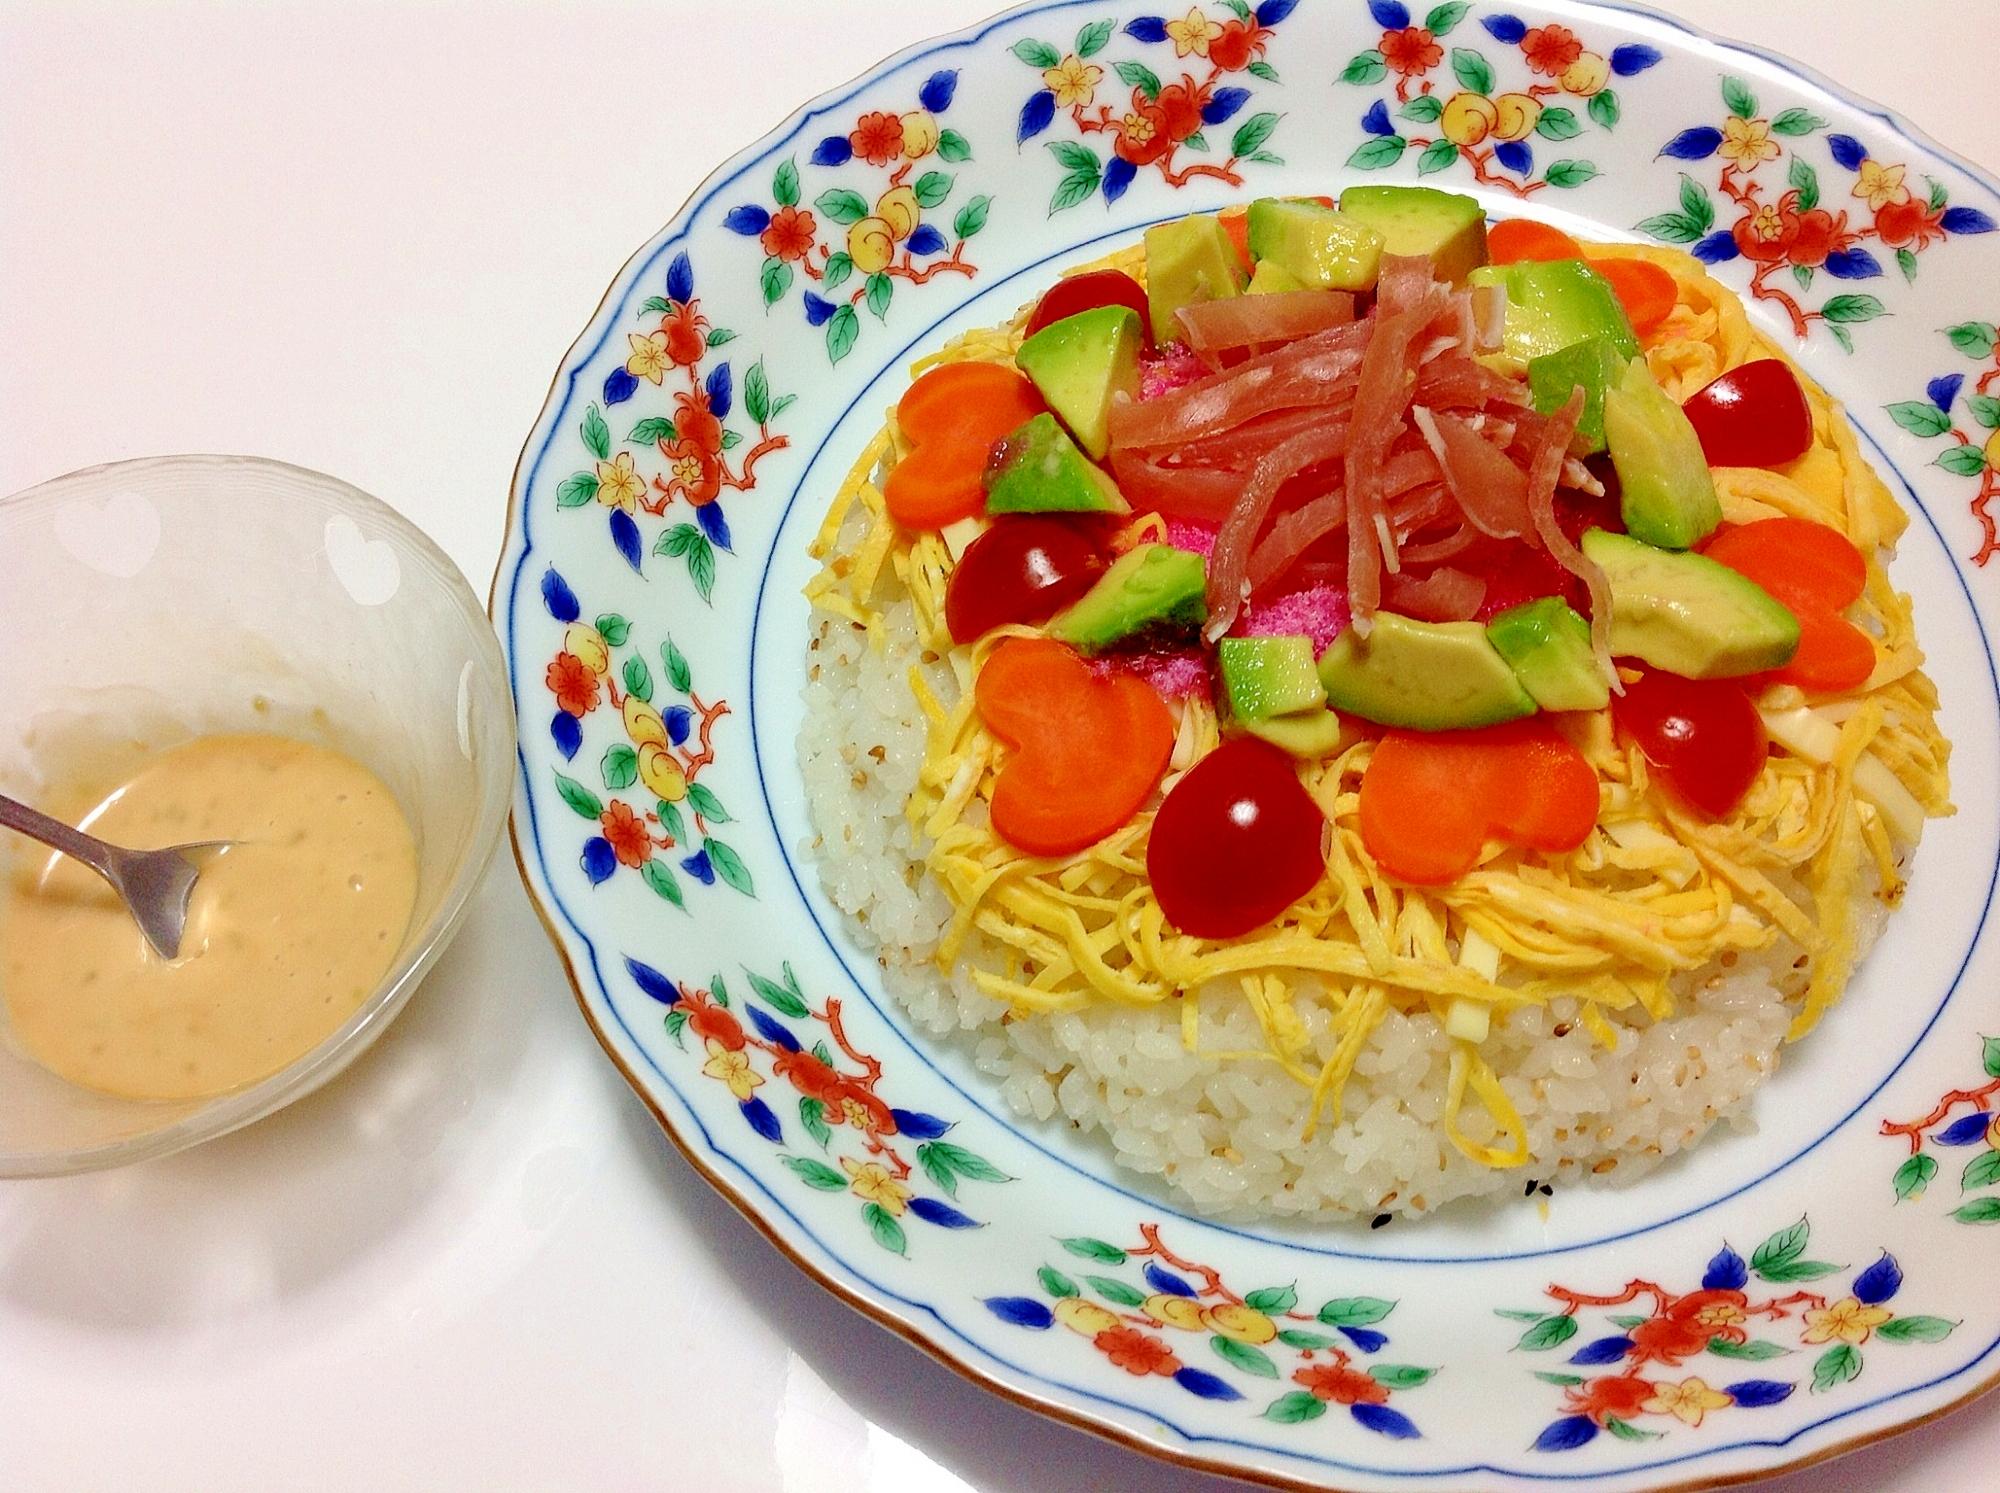 アボカド×生ハム×トマトのカラフルちらし寿司ケーキ